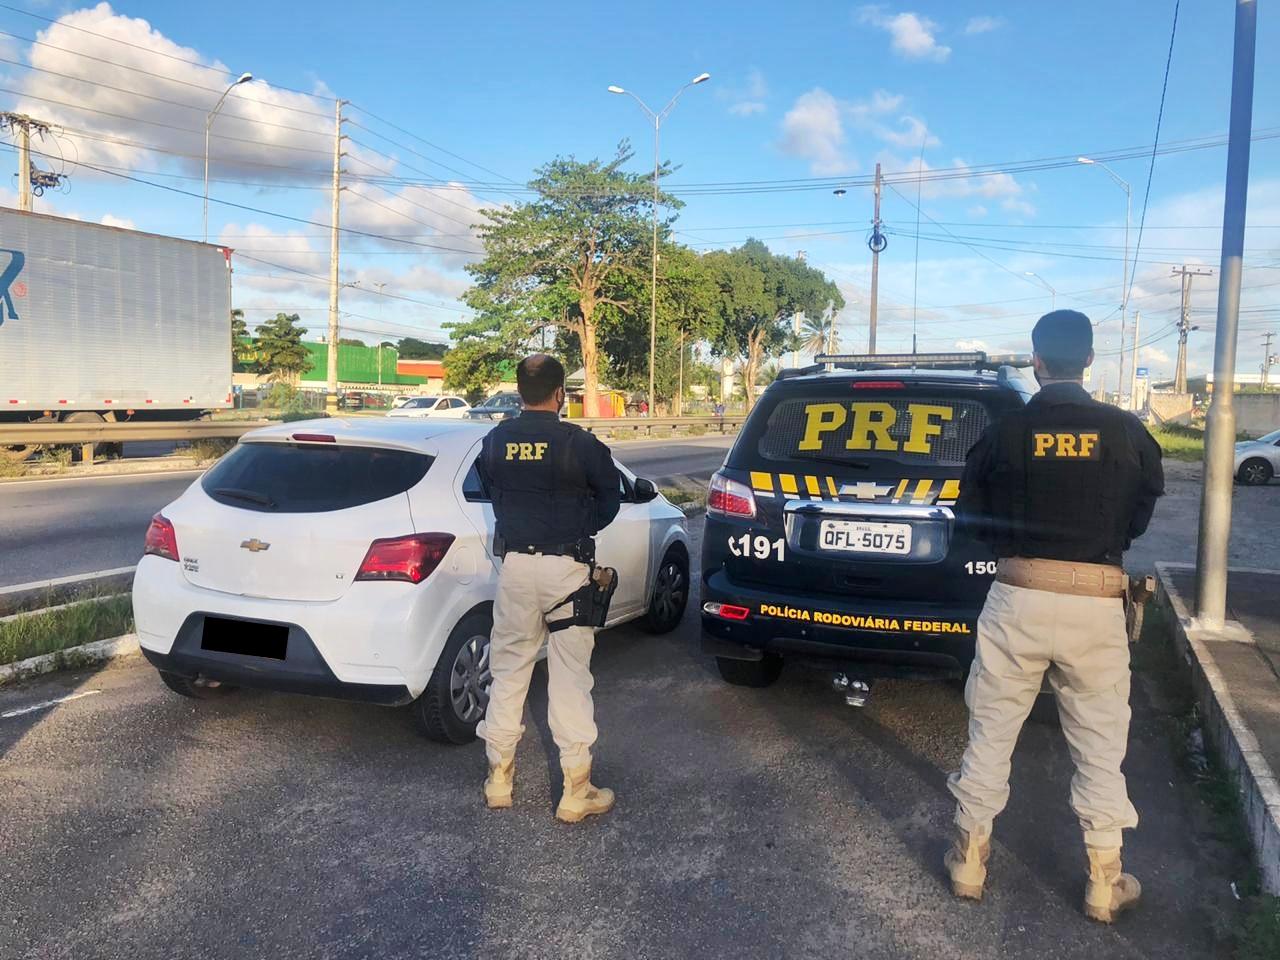 WhatsApp Image 2020 09 04 at 08.22.28 - PRF na Paraíba prende três homens acusados de roubar carro de um motorista de aplicativo